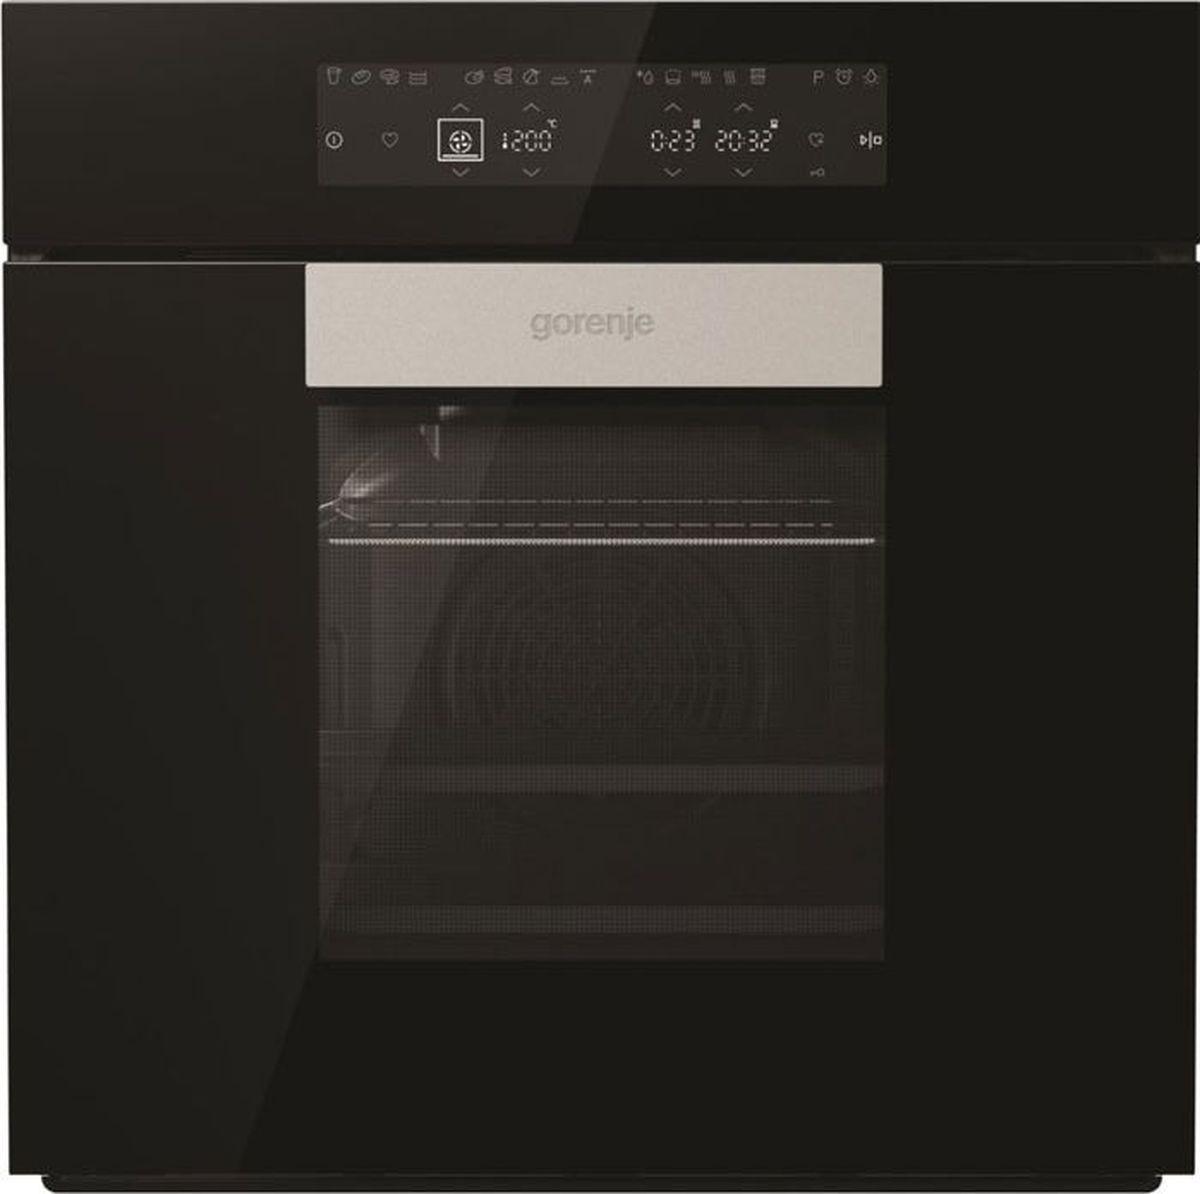 Духовой шкаф Gorenje Karim Rashid BO658KRB, стекло черное духовой шкаф электрический gorenje bo635e20b 2 черный